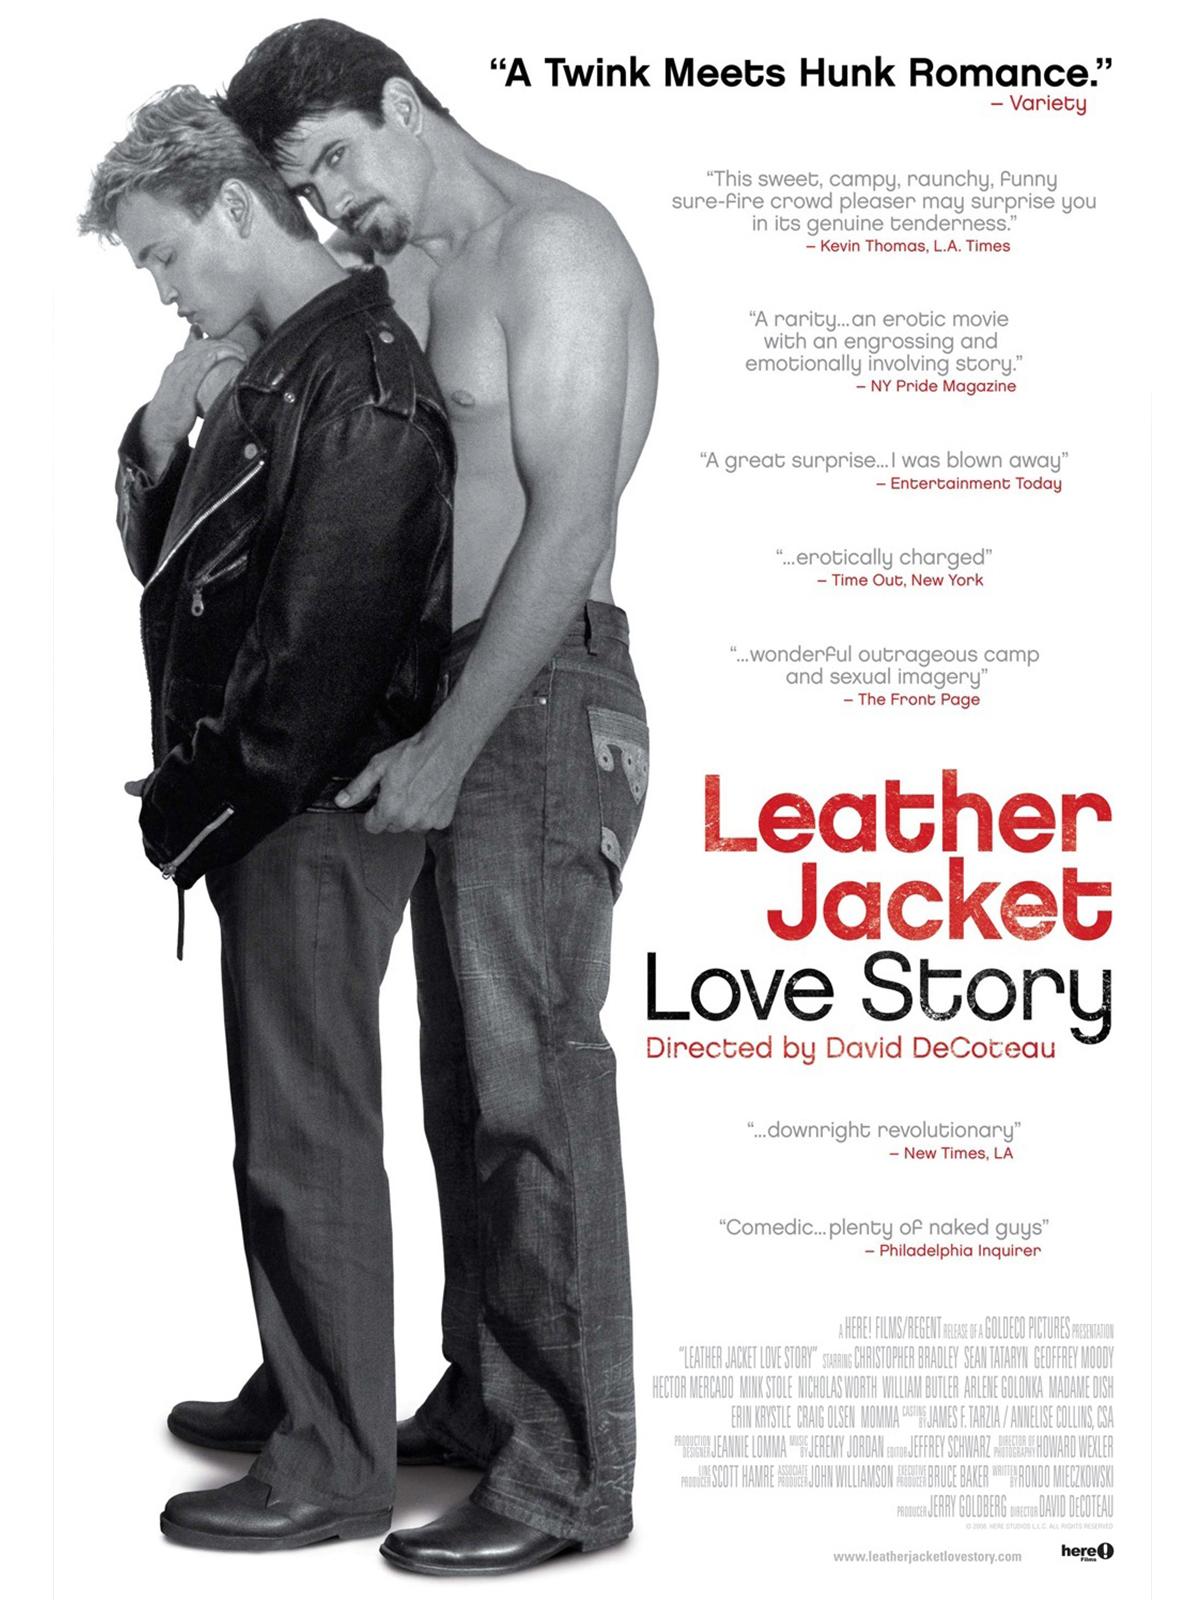 Here-LeatherJacketLoveStory-Full-Image-en-US.jpg